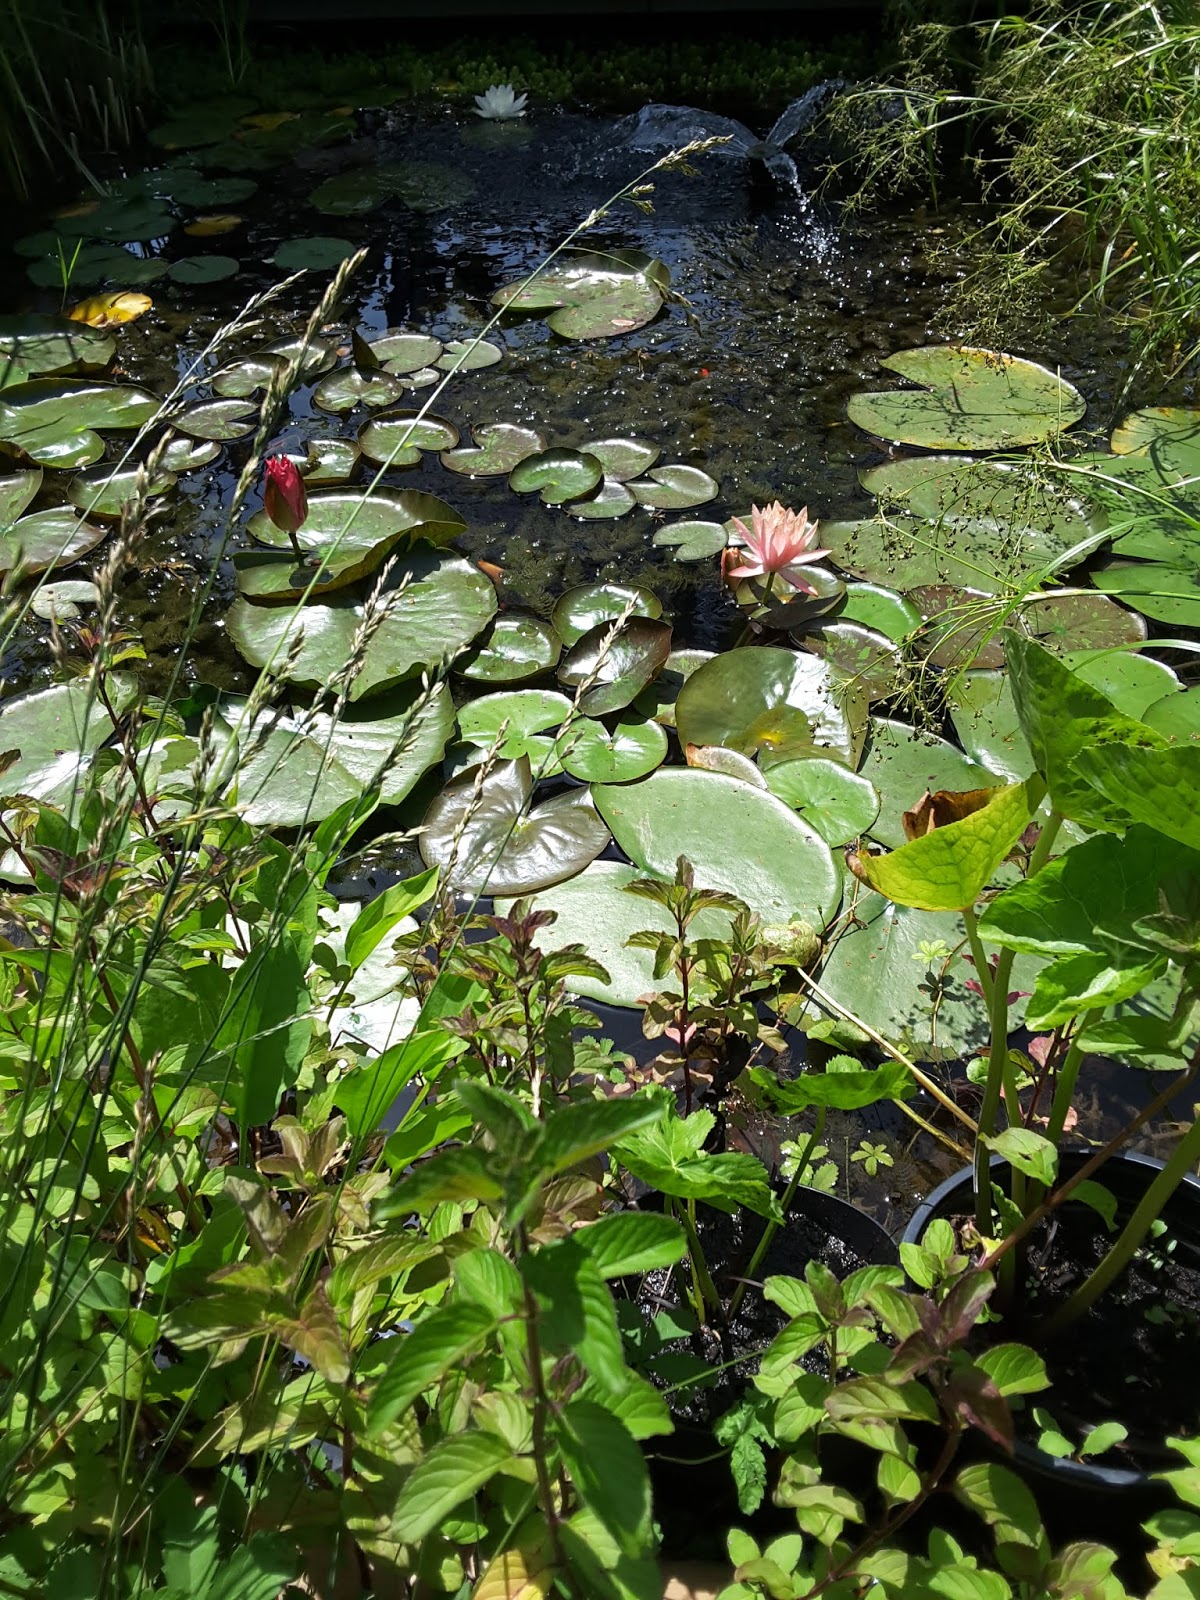 Vado a vivere a gorizia piante acquatiche e pesci rossi for Laghetto giardino zanzare